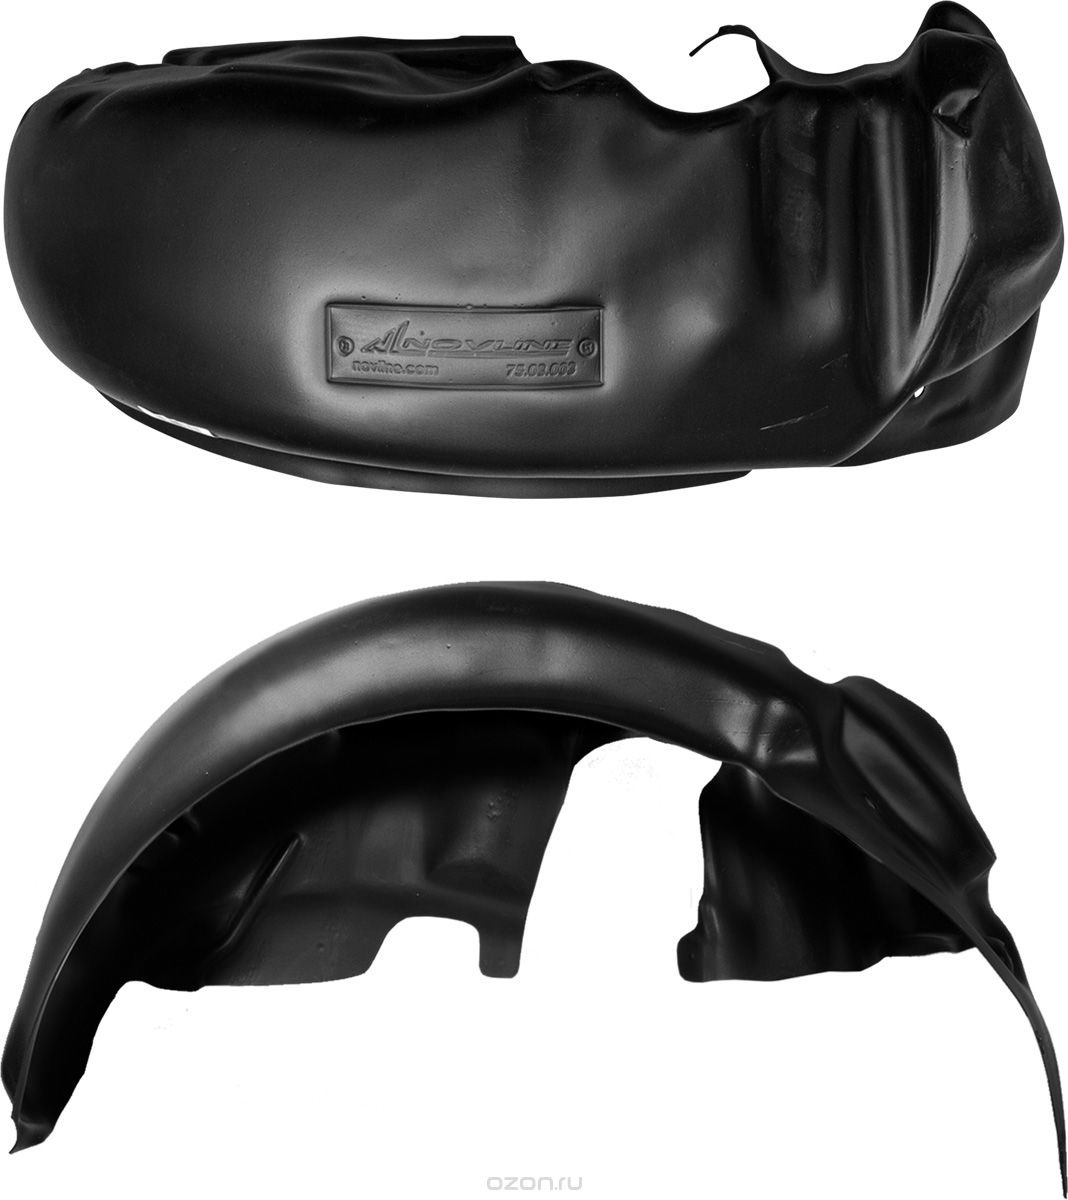 Подкрылок Novline-Autofamily, для HAVAL H9, 05/2015->, Внедорожник, задний правыйNLL.99.03.004Идеальная защита колесной ниши. Локеры разработаны с применением цифровых технологий, гарантируют максимальную повторяемость поверхности арки. Изделия устанавливаются без нарушения лакокрасочного покрытия автомобиля, каждый подкрылок комплектуется крепежом. Уважаемые клиенты, обращаем ваше внимание, что фотографии на подкрылки универсальные и не отражают реальную форму изделия. При этом само изделие идет точно под размер указанного автомобиля.